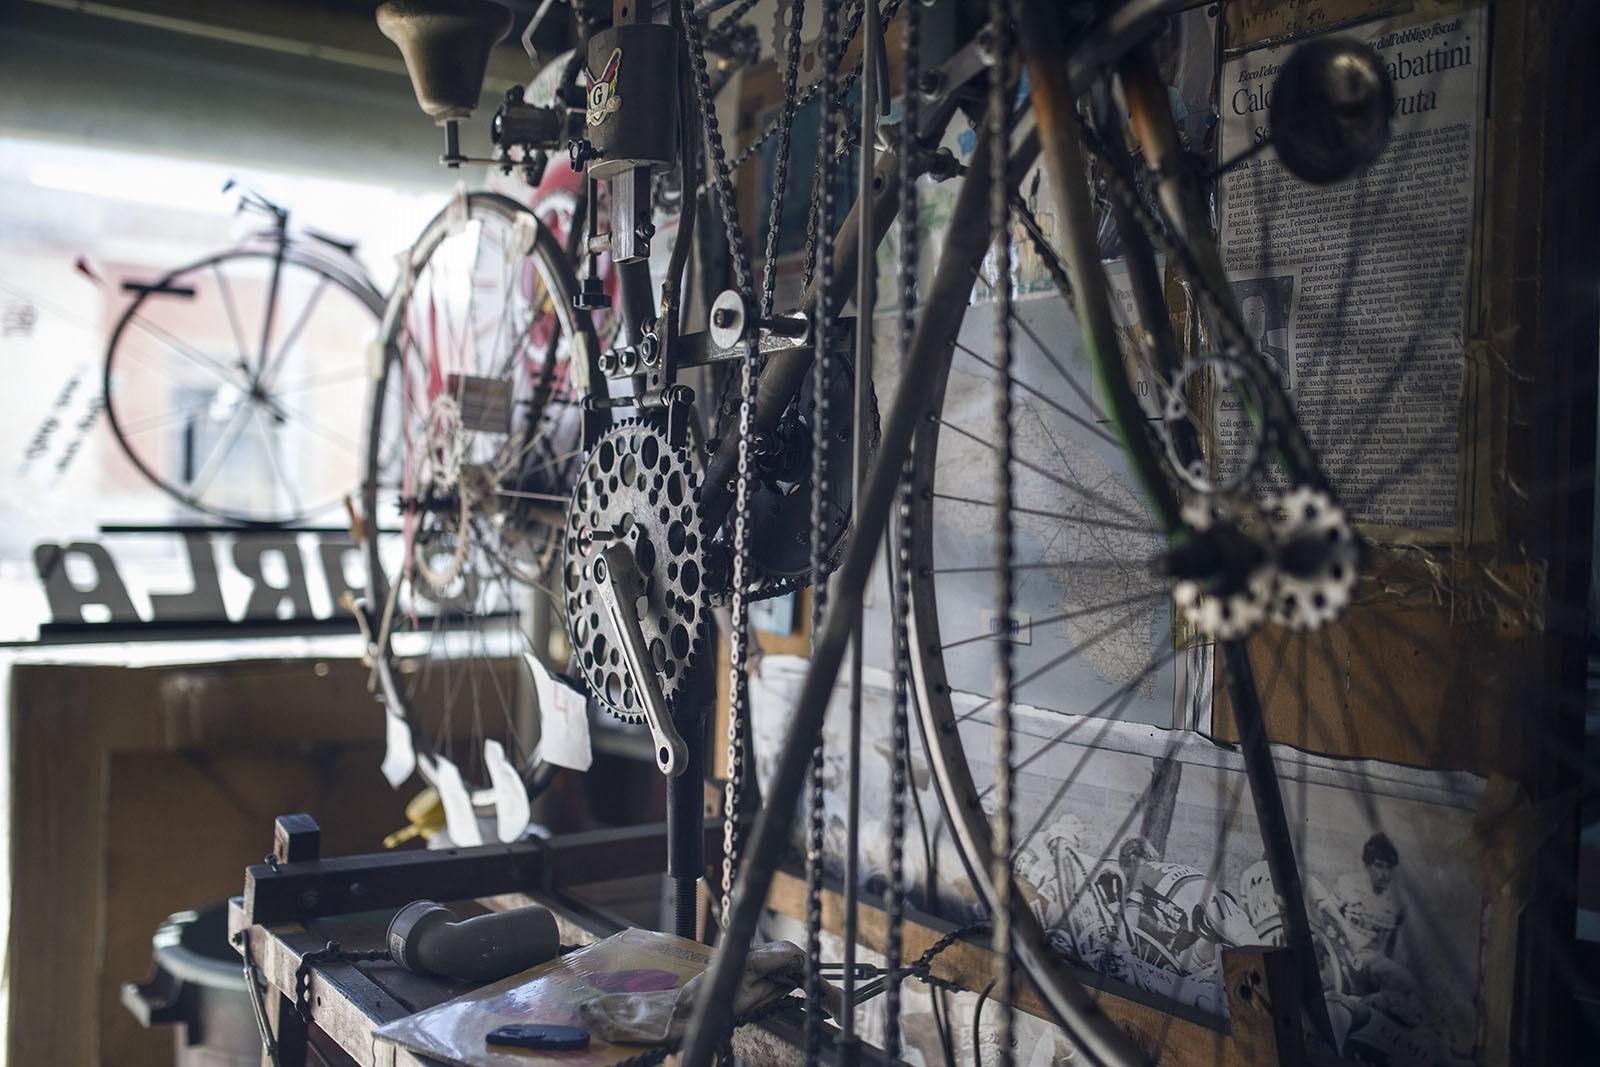 maestro carlo carla artigiano bici 11